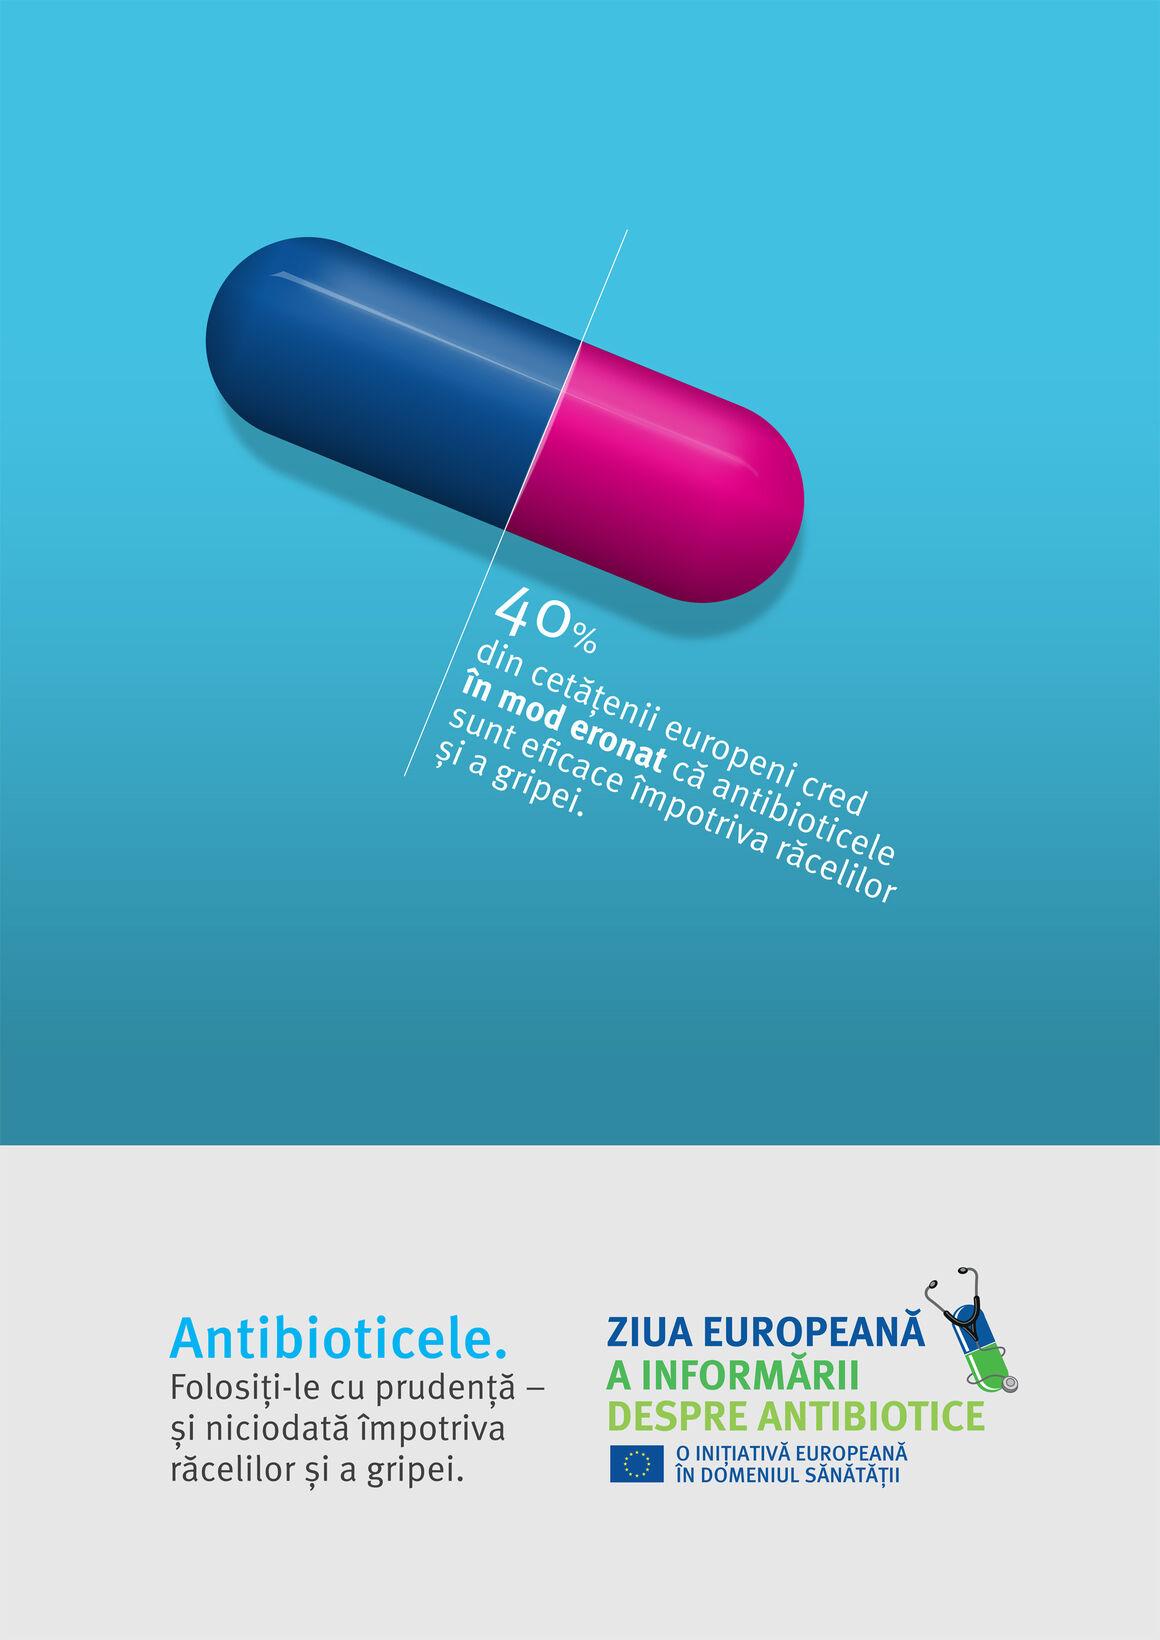 Afiș: Antibioticele. Folosiți-le cu prudență – și niciodată împotriva răcelilor și a gripei.